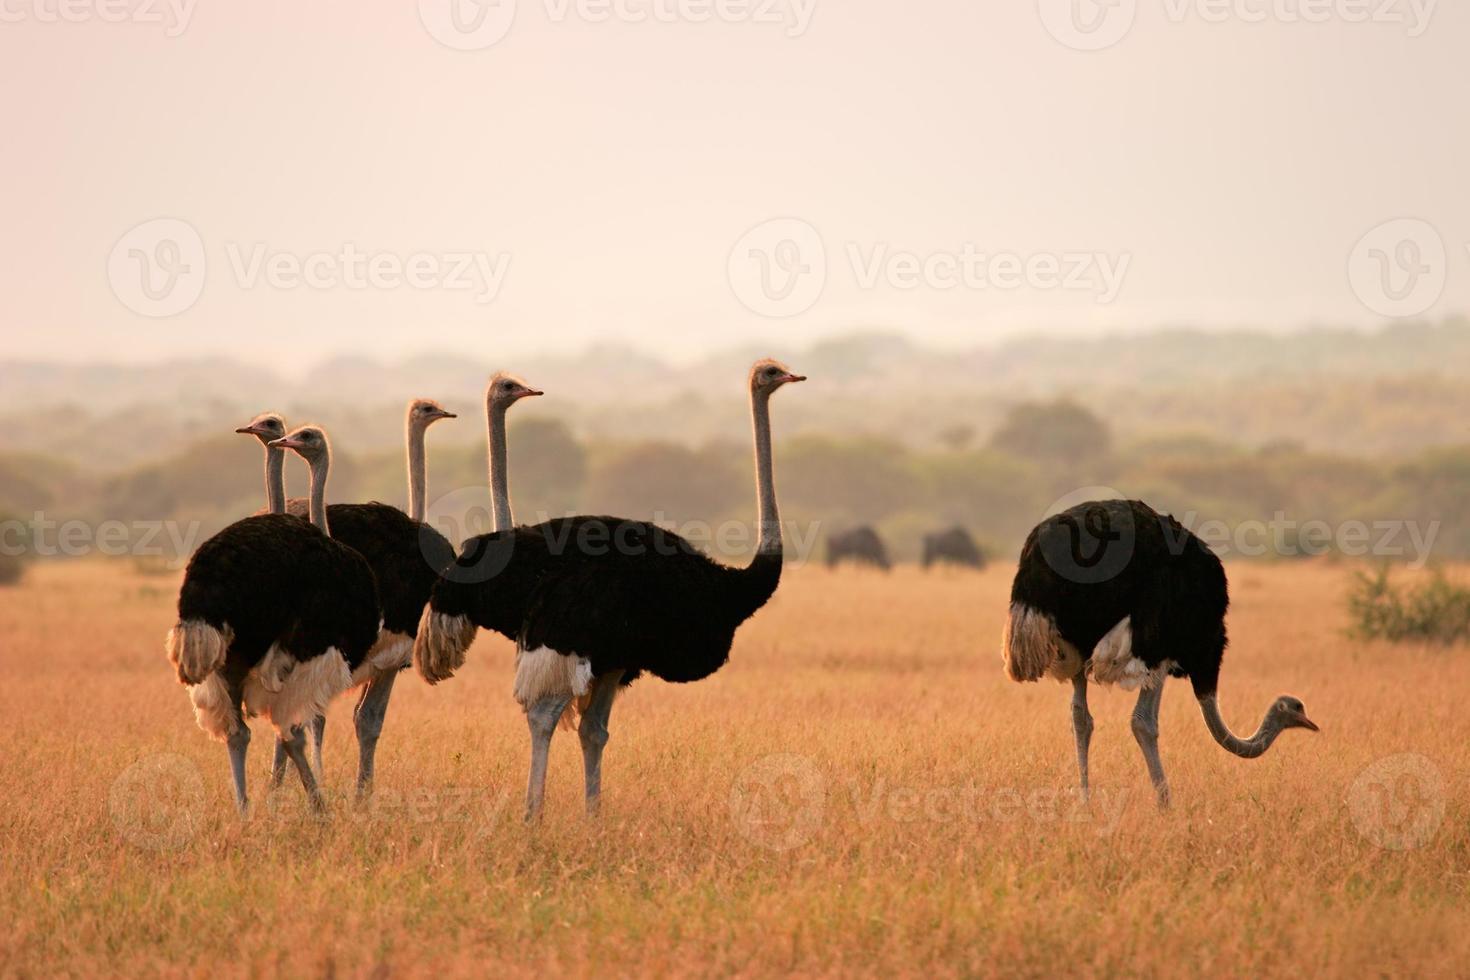 avestruzes em um campo por si mesmos foto